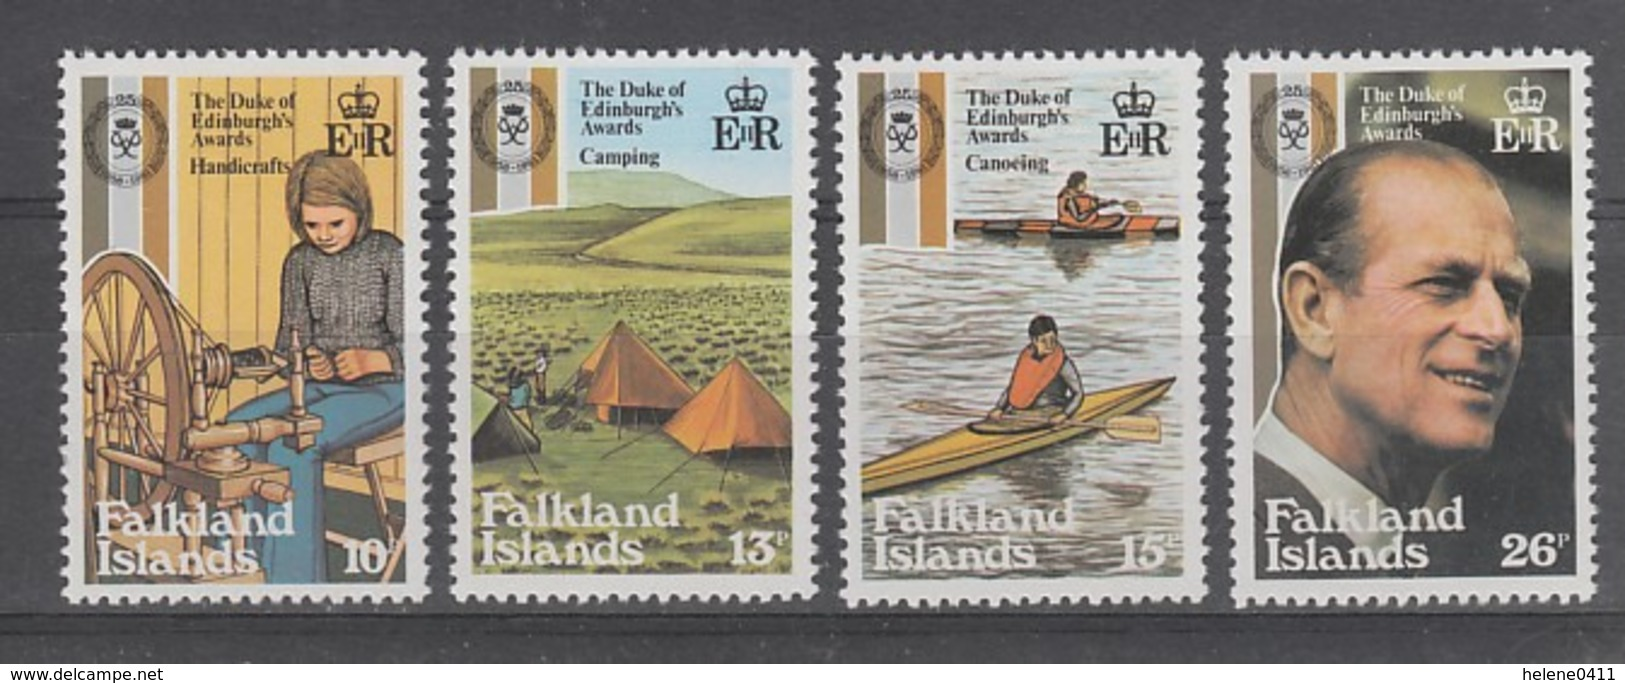 SERIE NEUVE DES ILES FALKLAND - 25E ANNIVERSAIRE DU PRIX DU DUC D'EDIMBURG N° Y&T 327 A 330 - Falkland